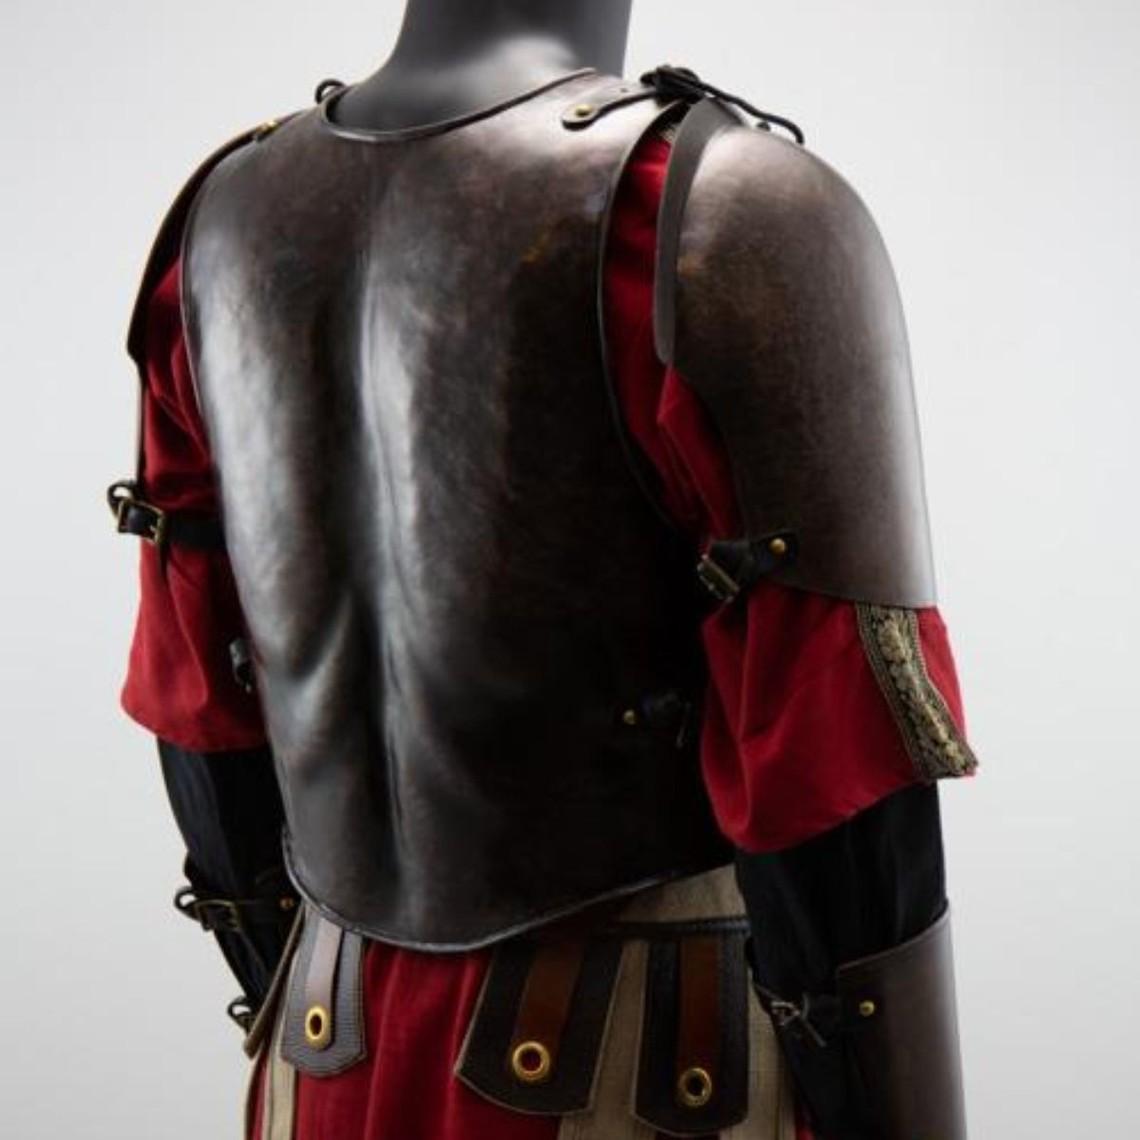 Epic Armoury musculata GRV greco-romana